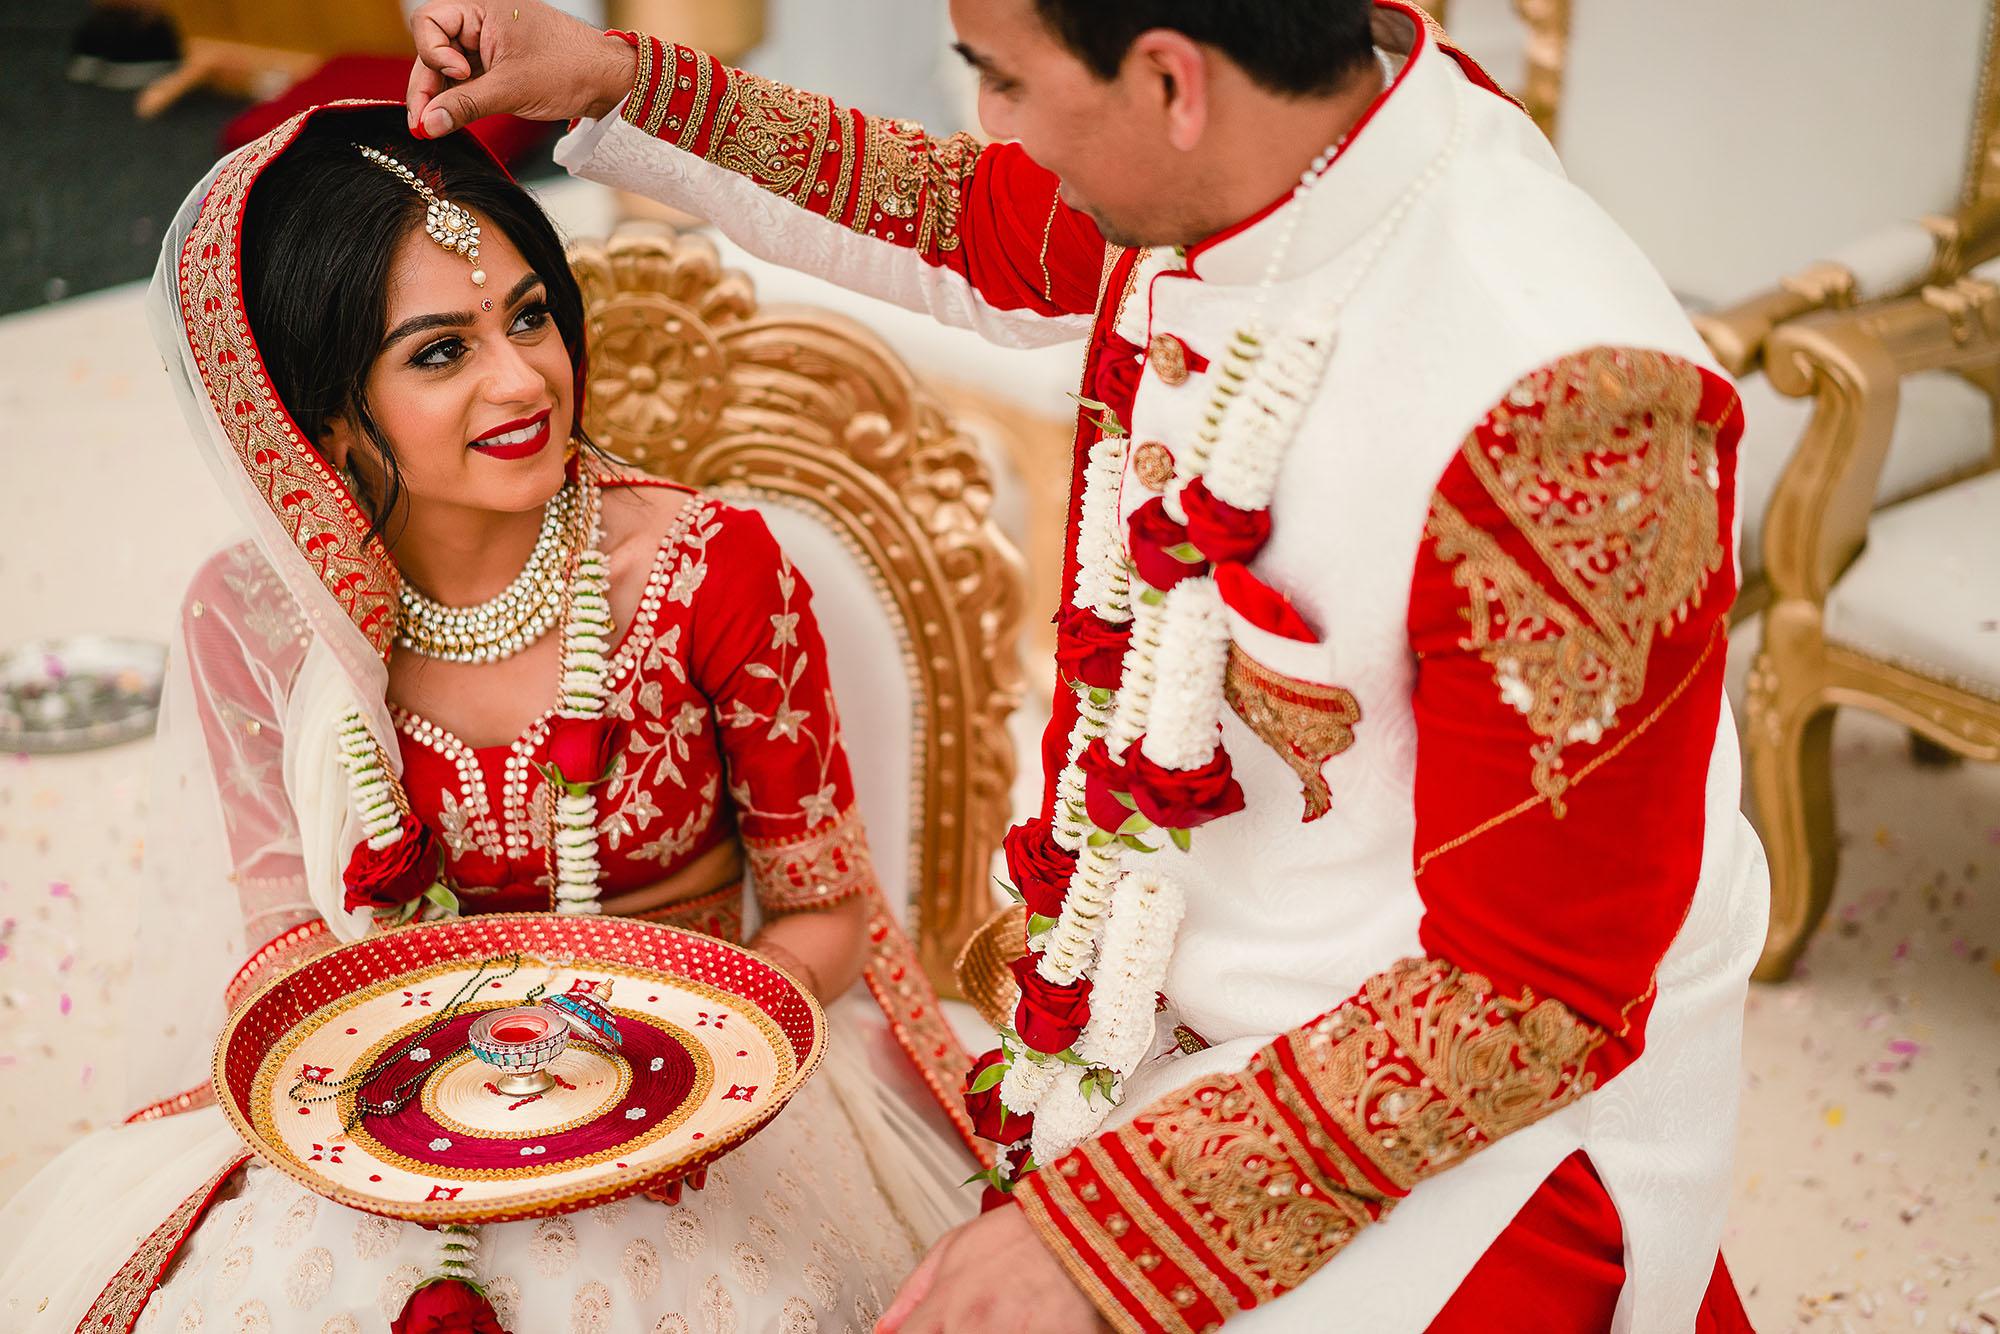 sindhoor ceremony at hindu wedding